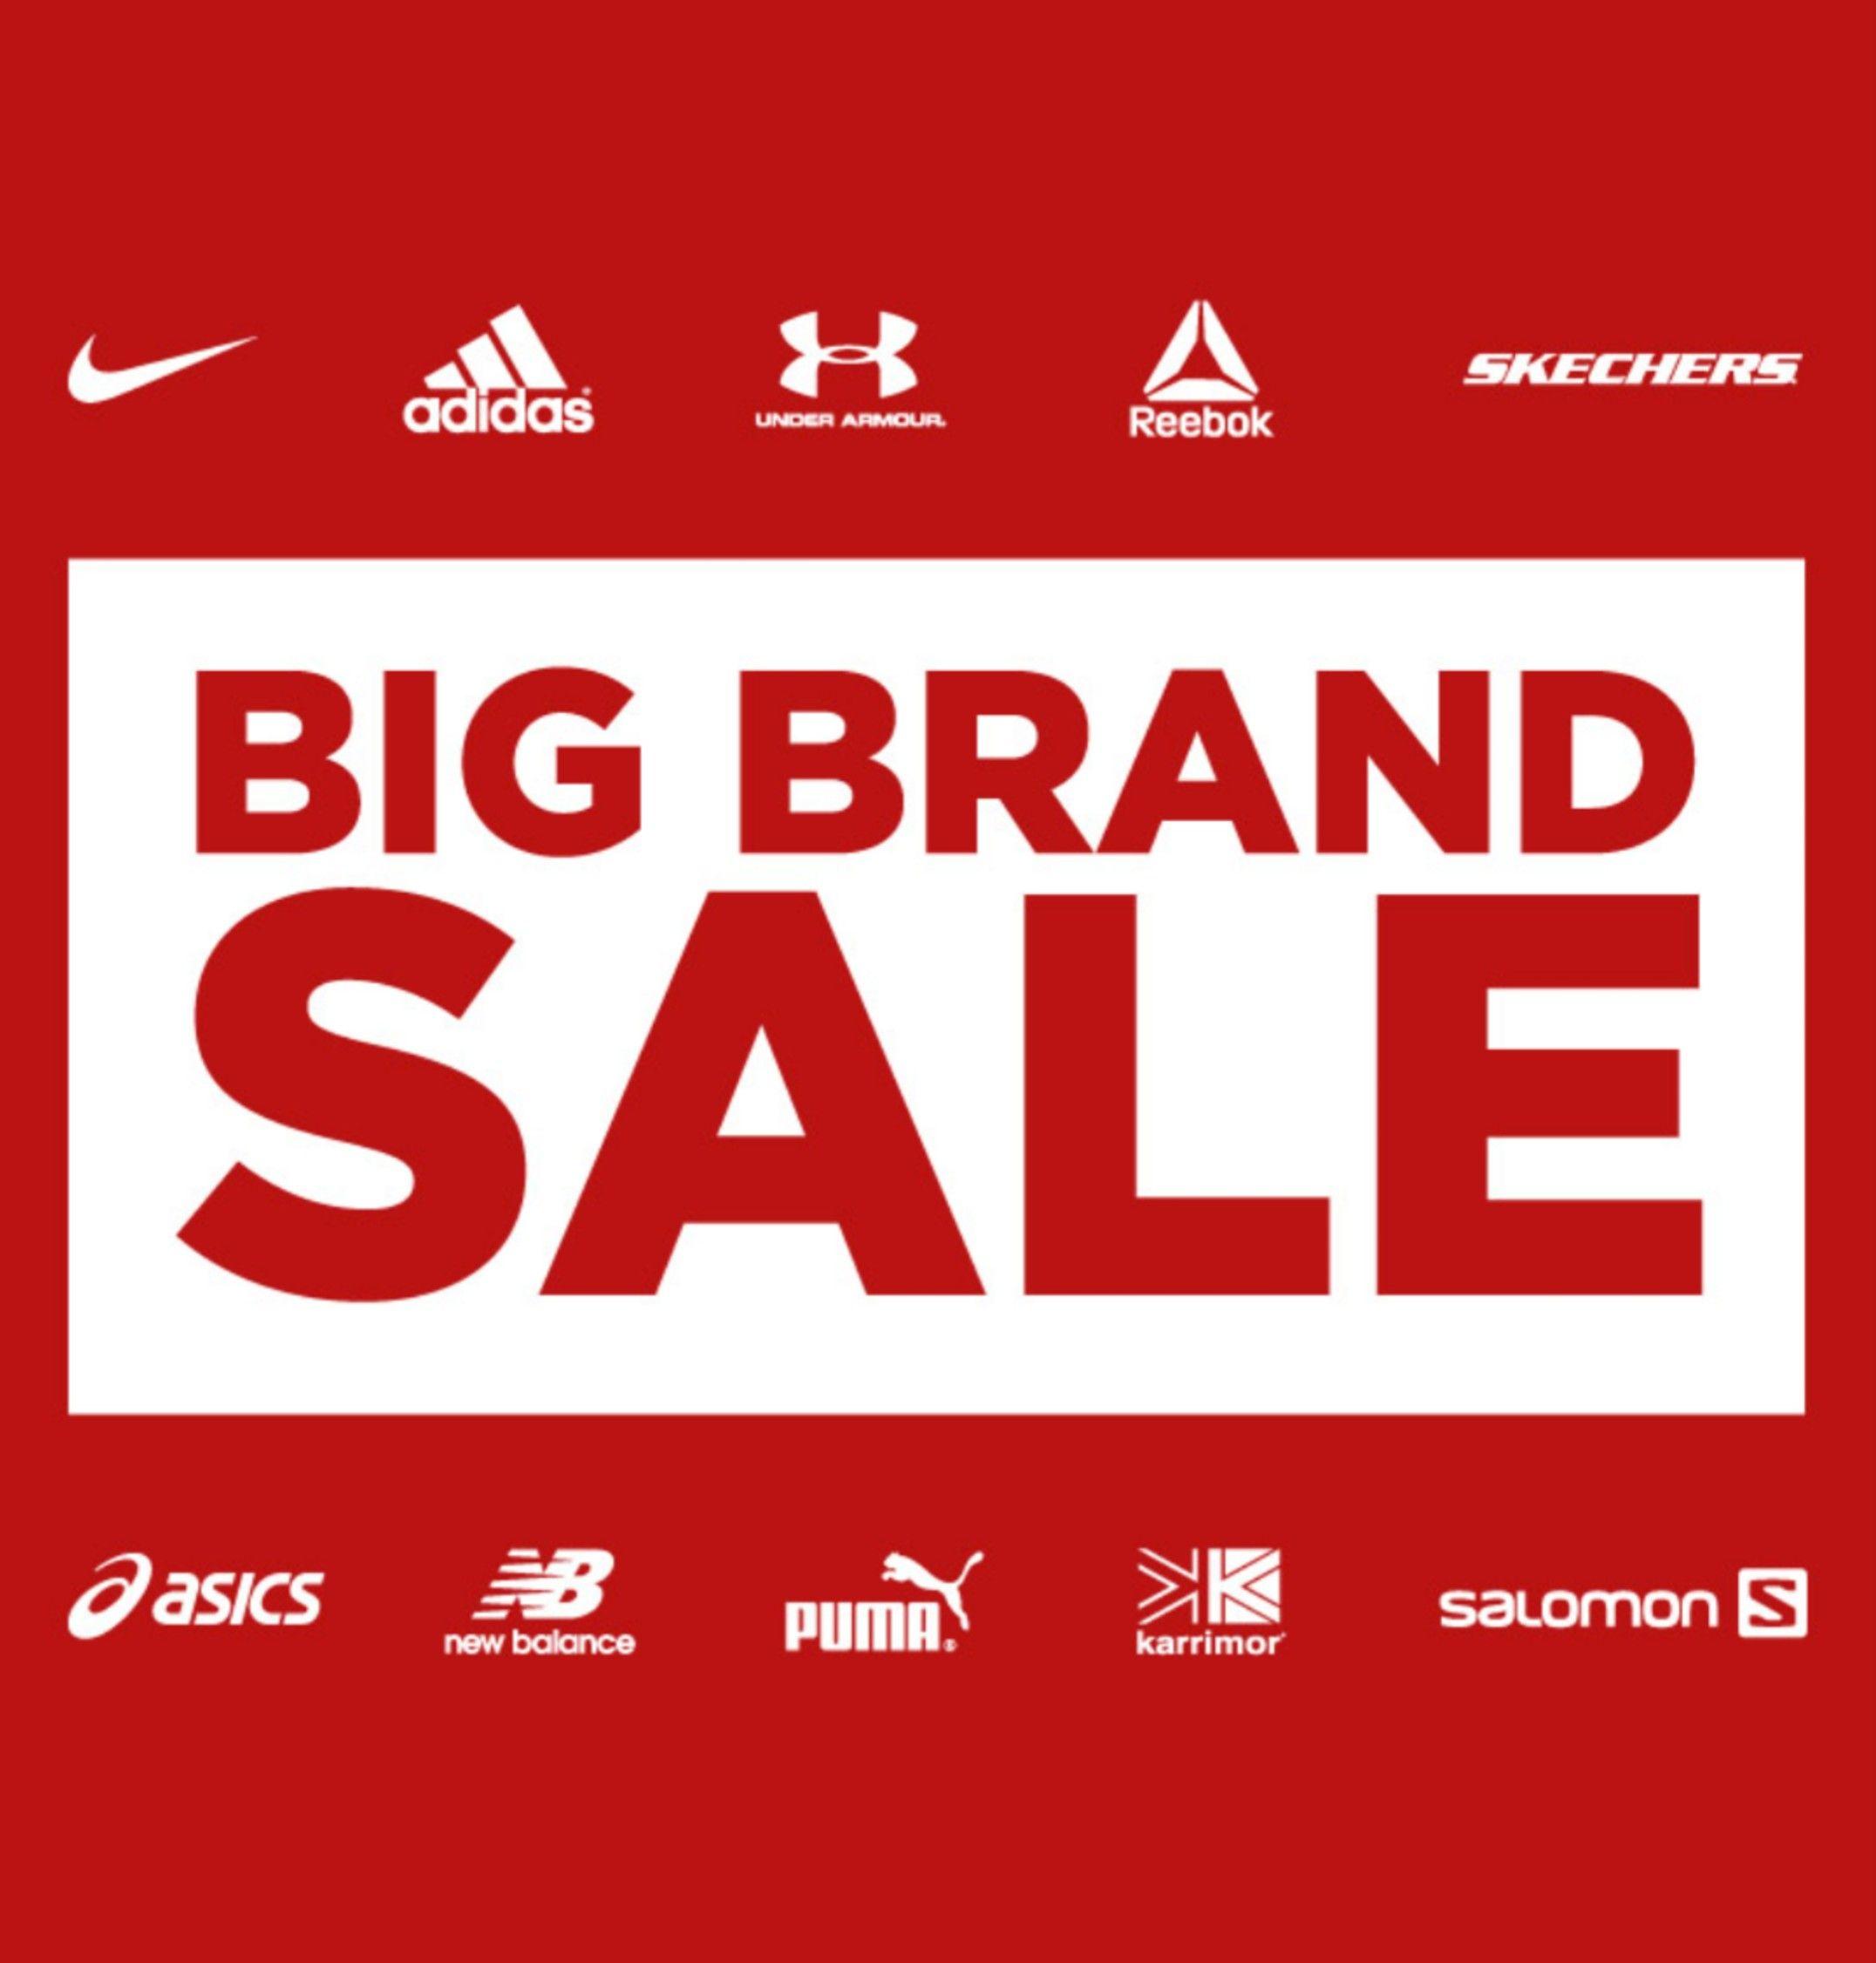 Grandes rebajas en tienda online de SportsDirect, hasta 80% de descuento